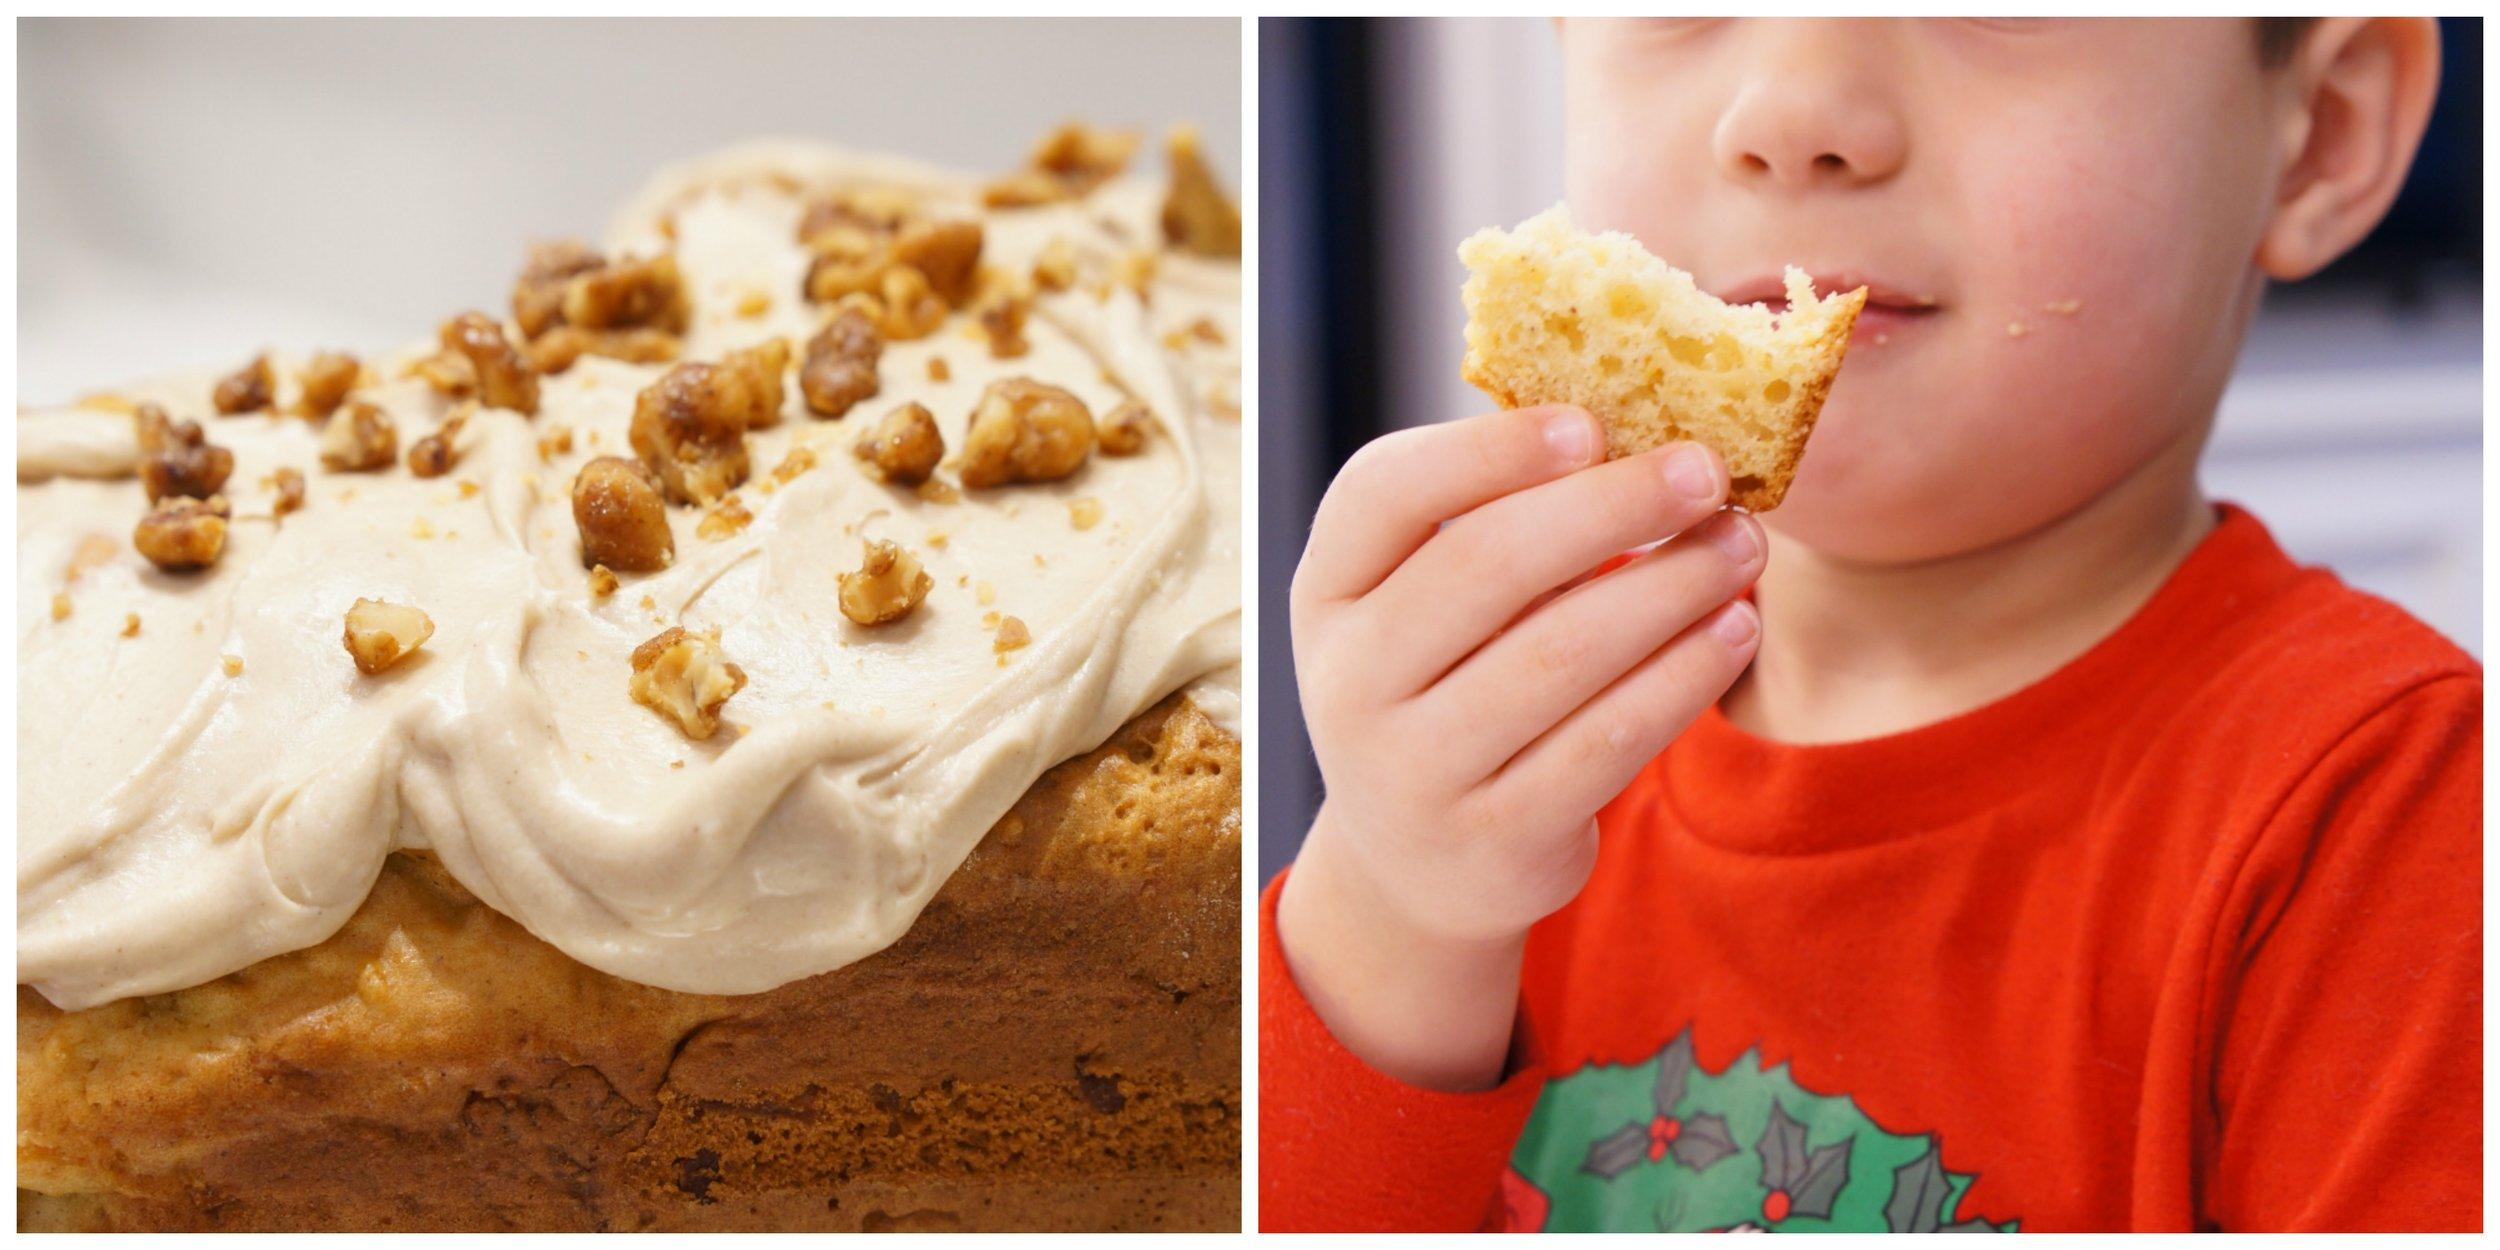 slice of cake with glazed walnuts that Jack ate.jpg